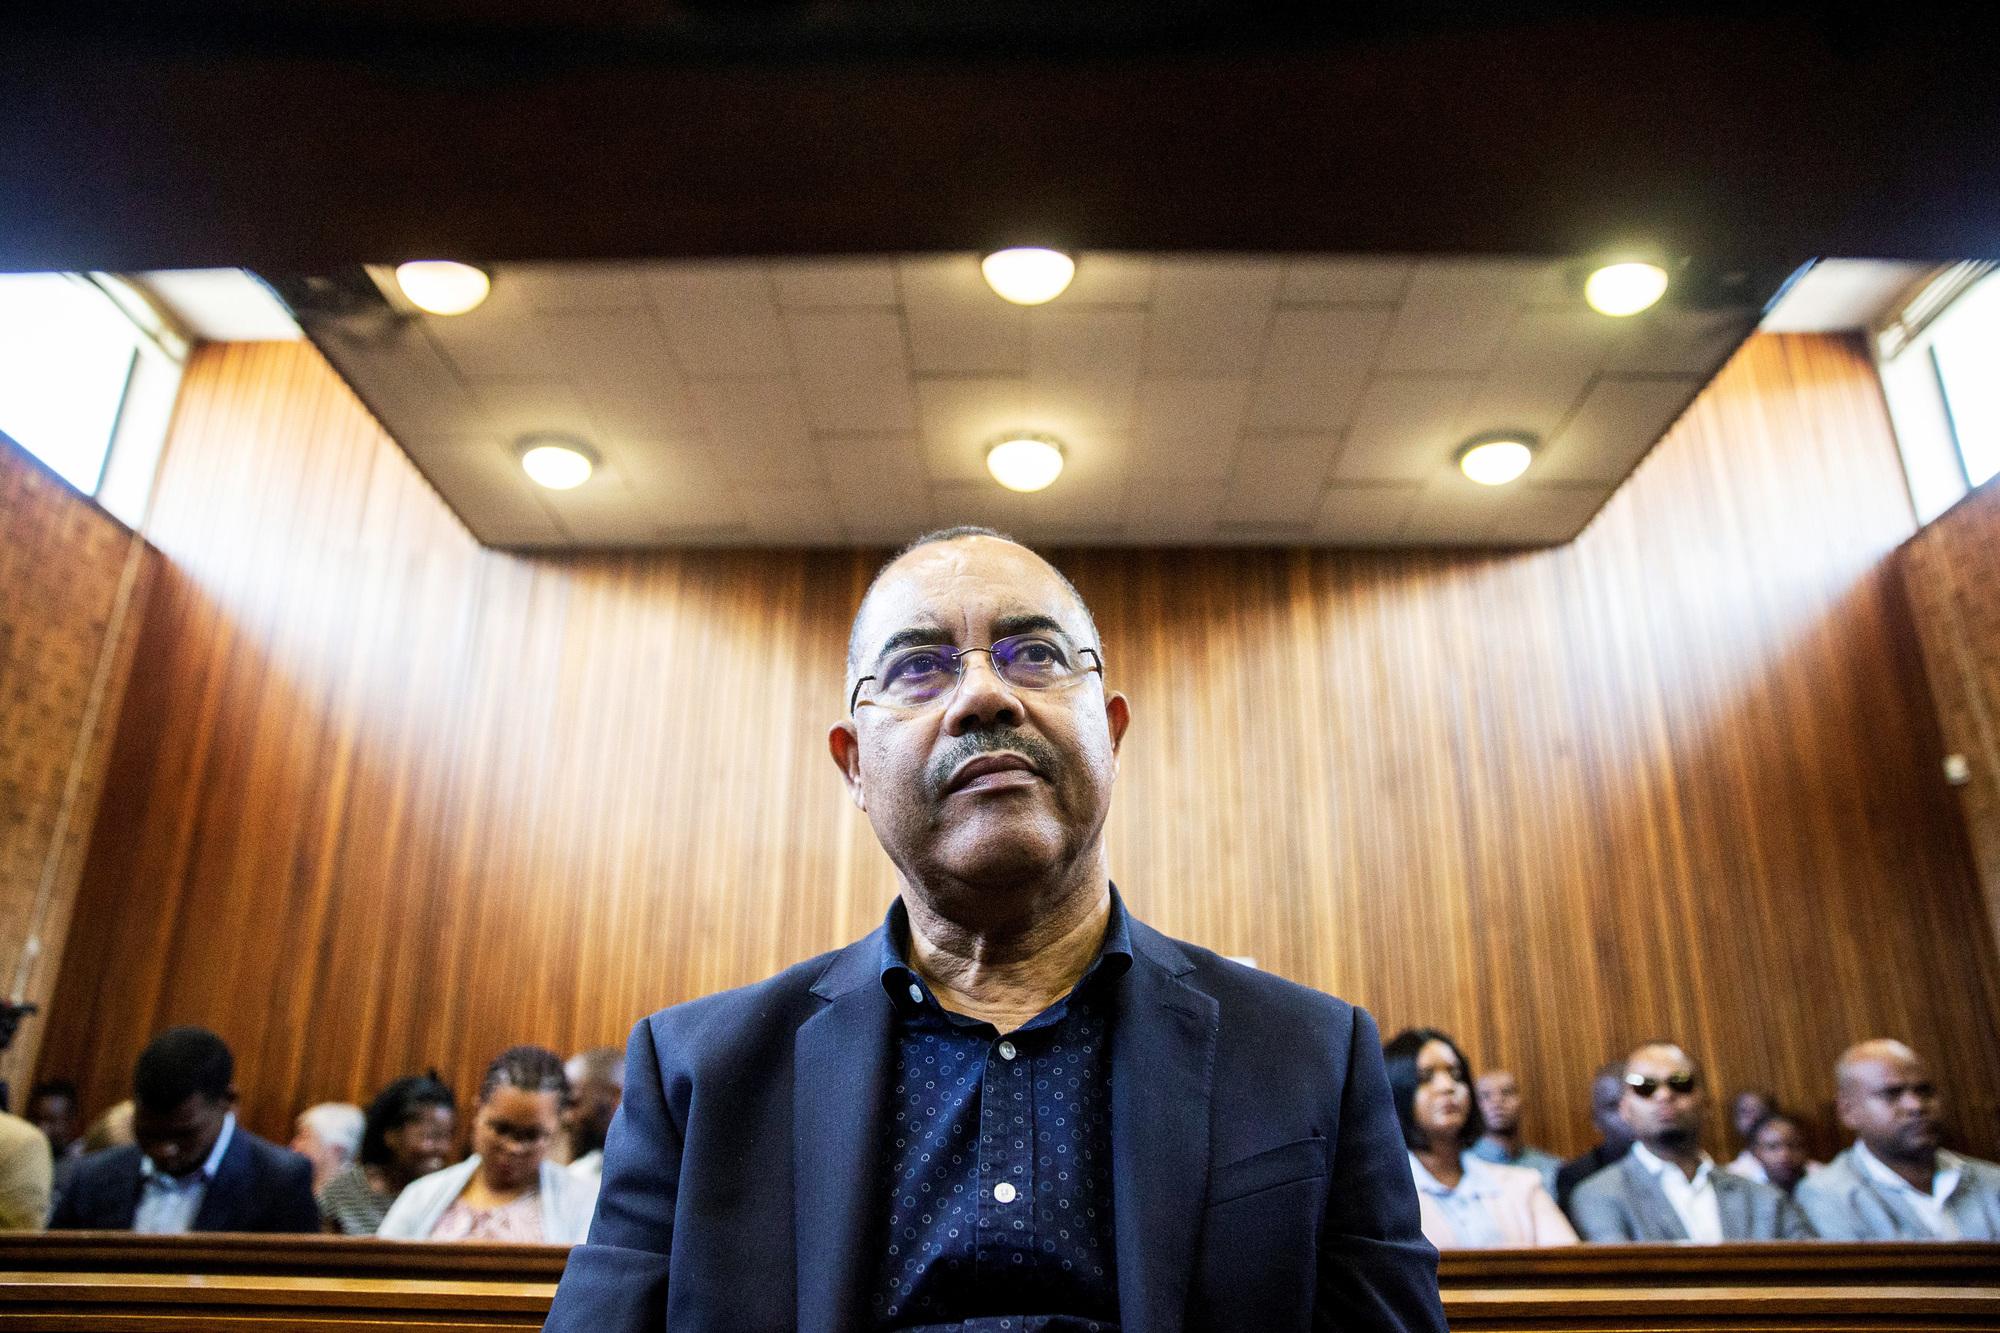 Arrêté fin 2018 en Afrique du Sud, Manuel Chang, l'ex-ministre mozambicain des Finances, est toujours en détention provisoire. Washington et Maputo ont demandé son extradition.